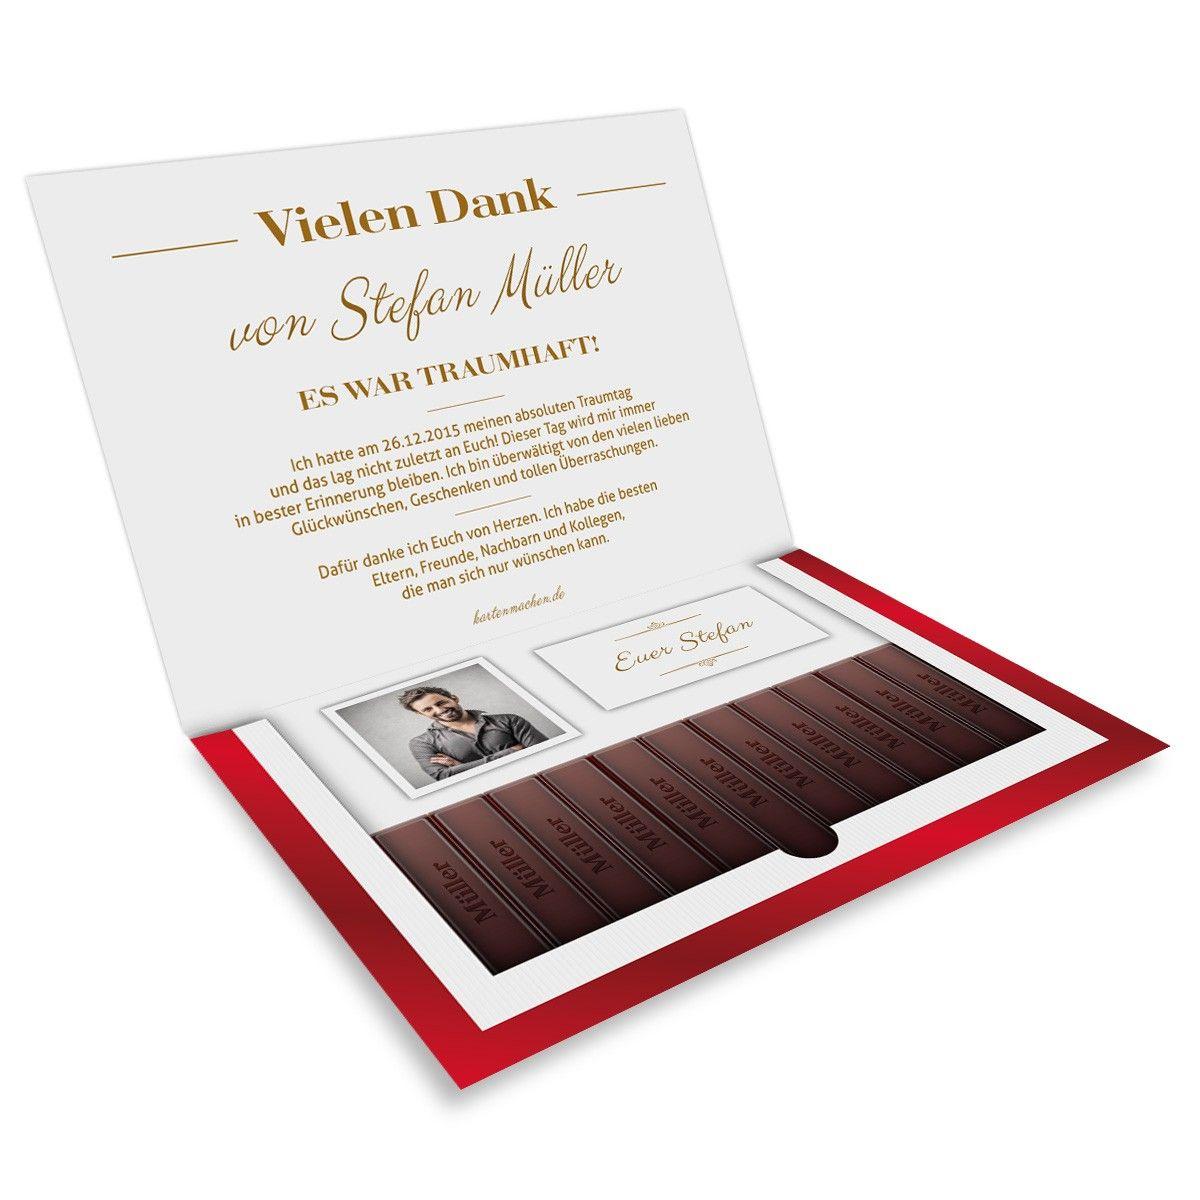 Dankeskarten Im Danke Schokolade Motiv #danksagungskarte #danksagung  #dankeskarte #danke #vielendank #